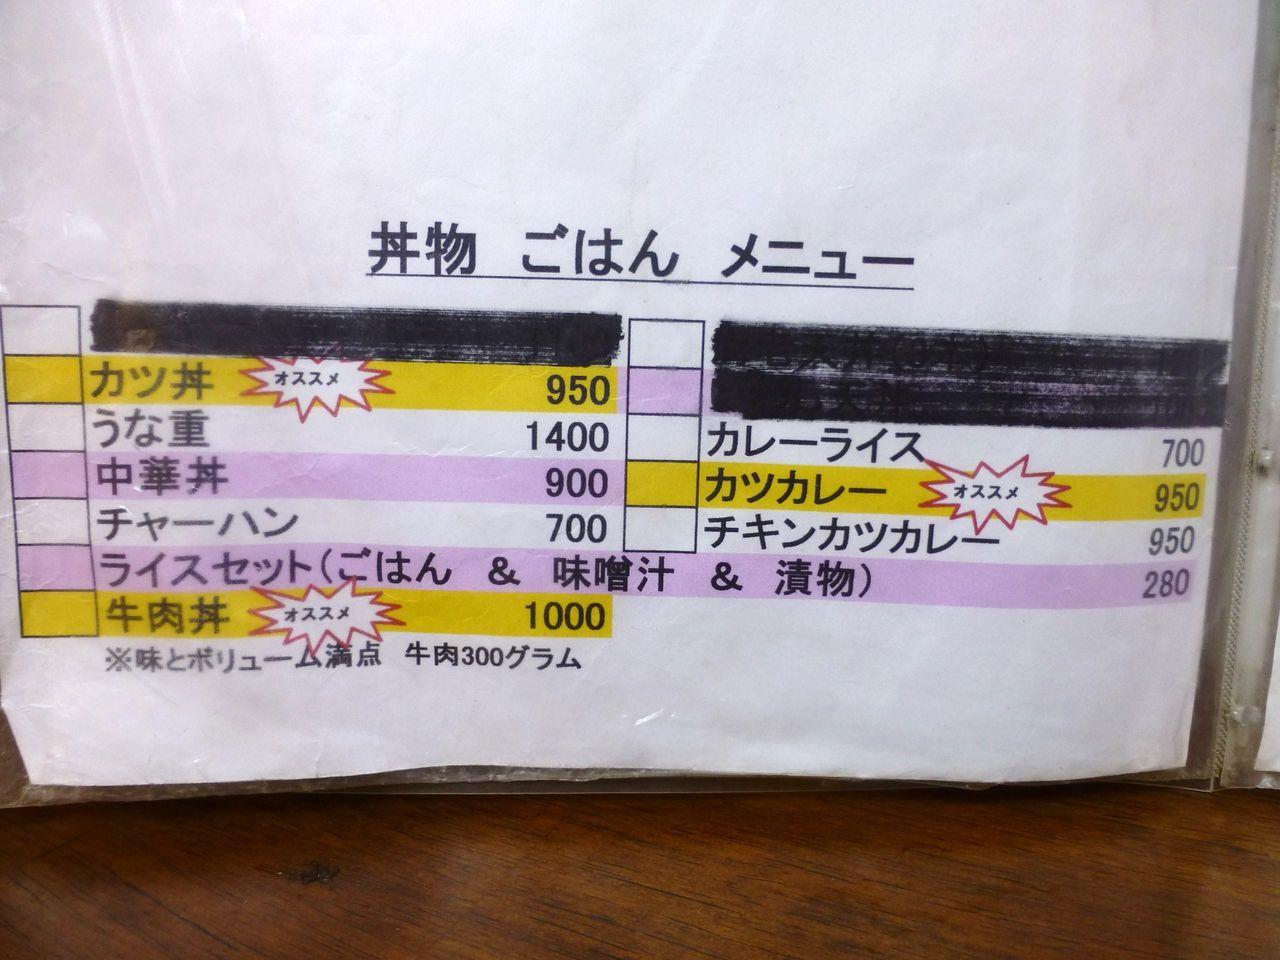 らーめん大漁のメニュー(25年5月現在)